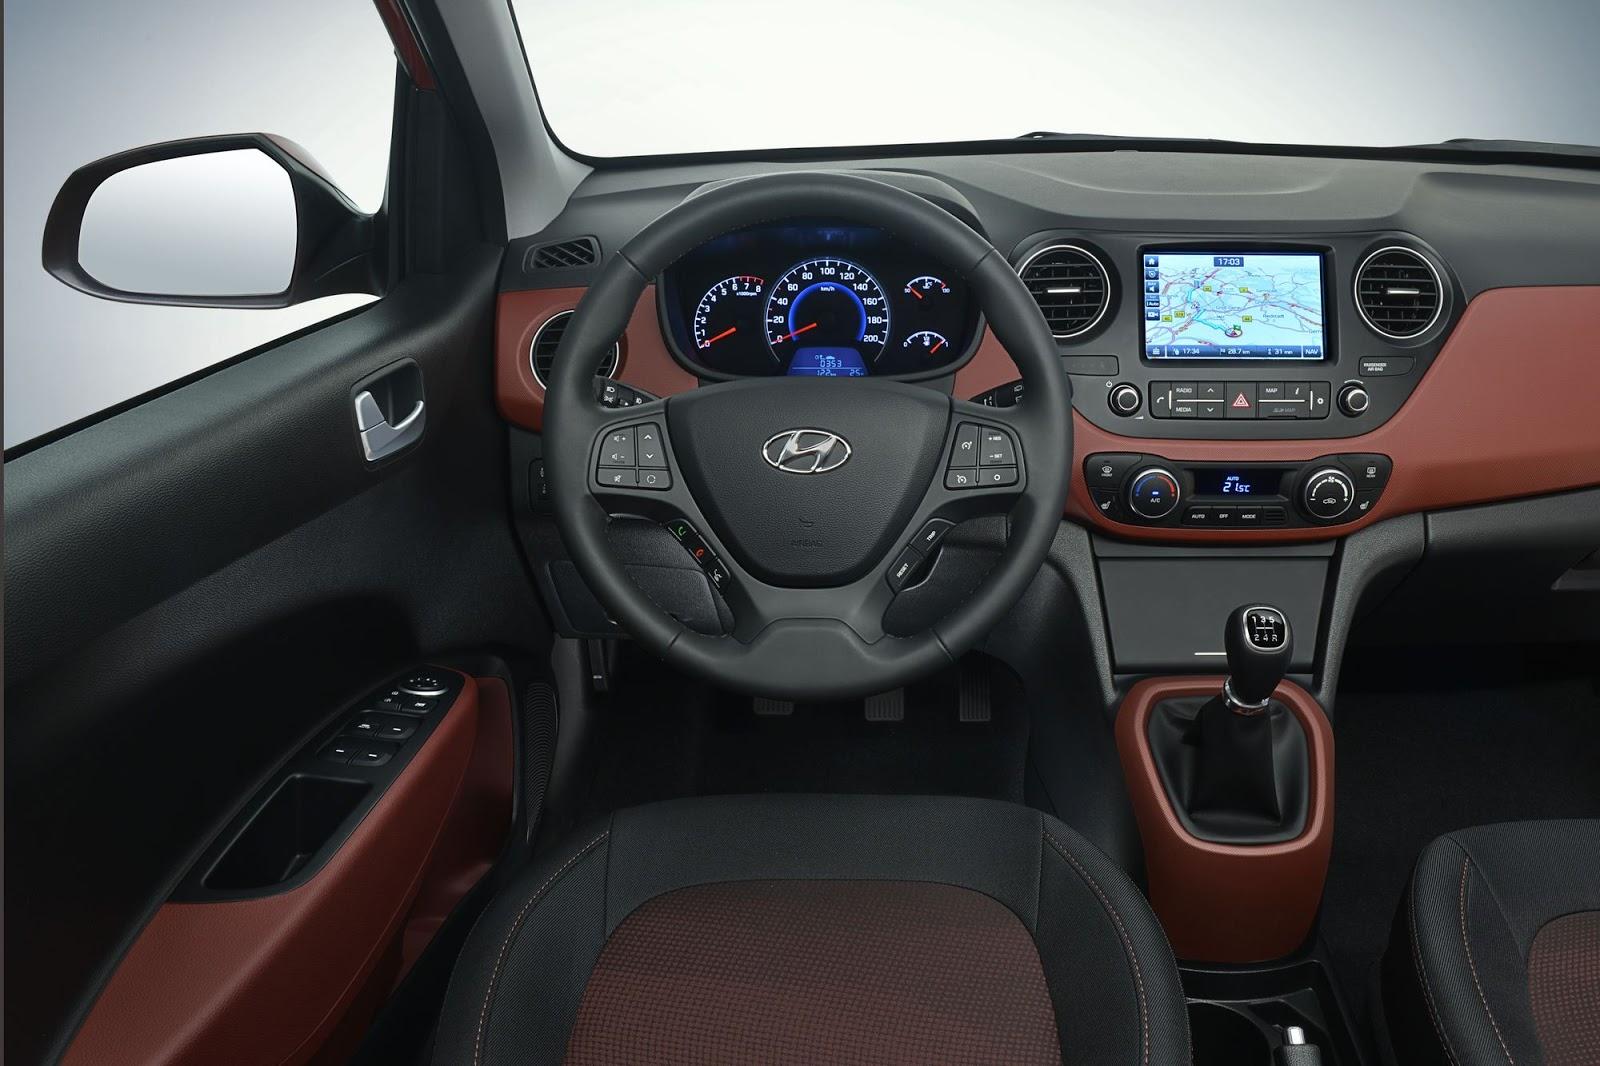 Hyundai%2Bi10%2B6